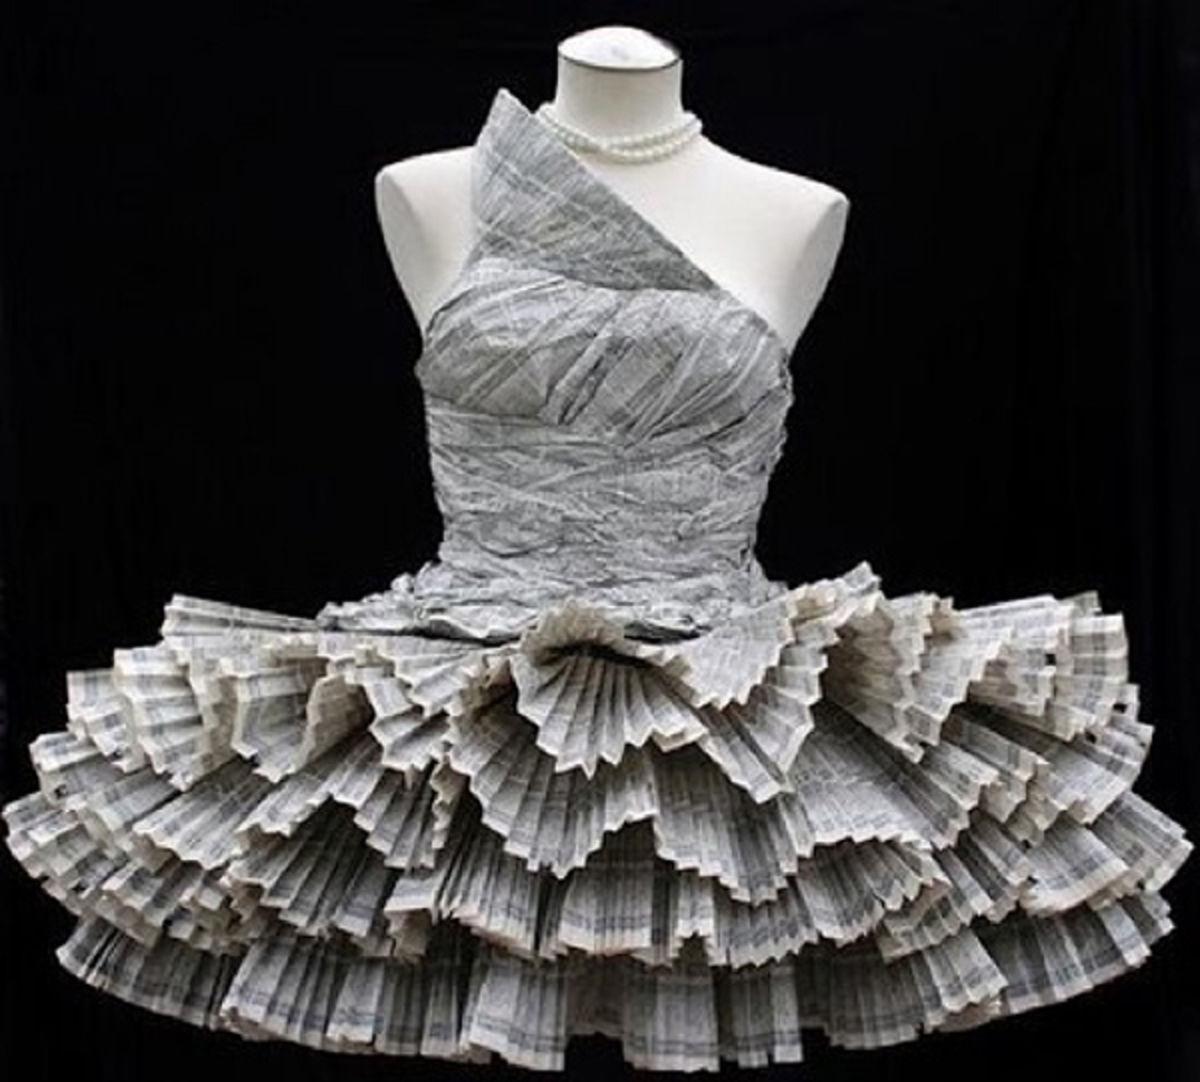 robe-en-journaux